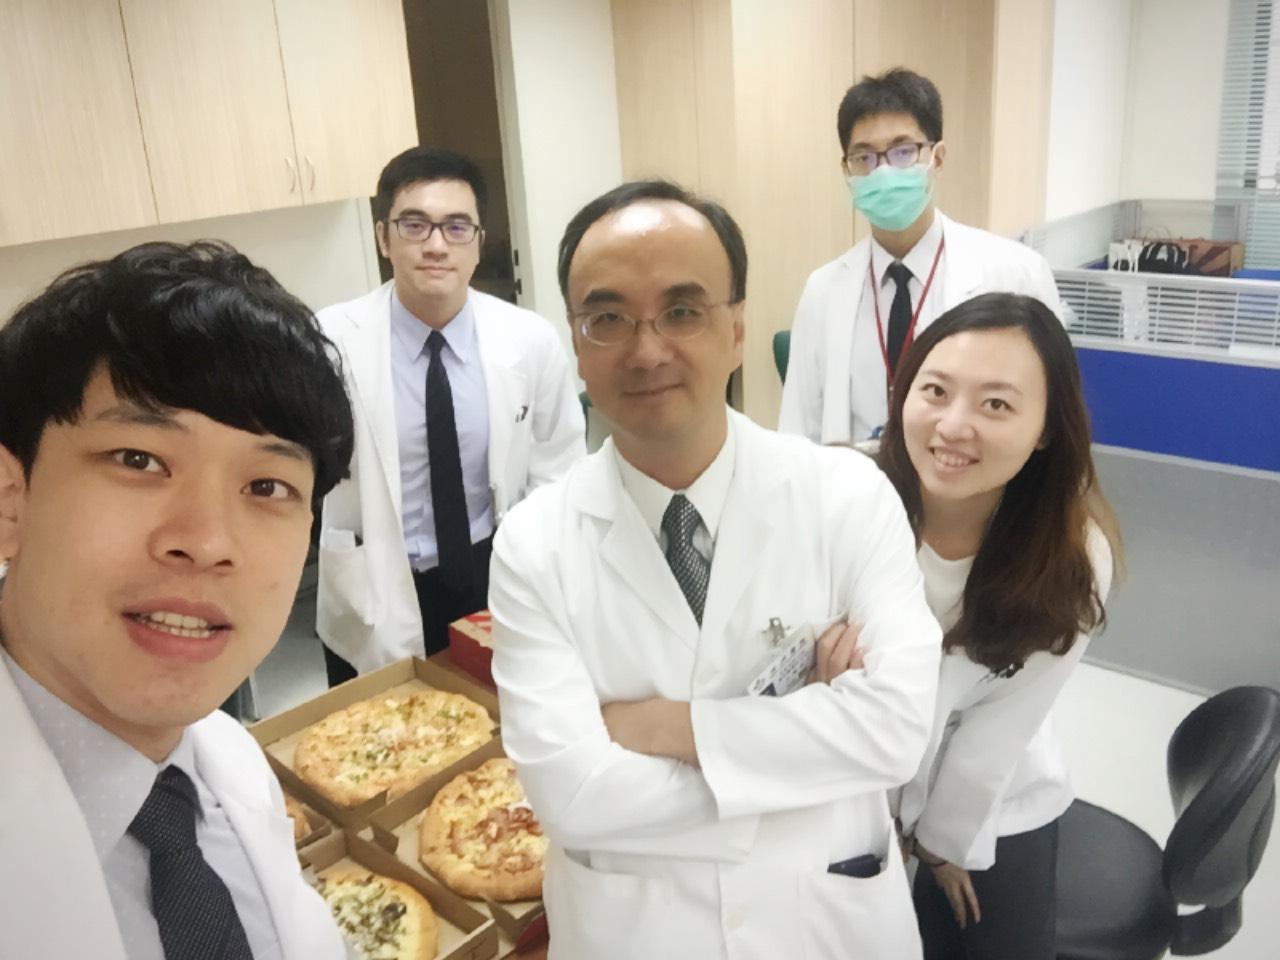 振興醫院力博宏主任研究團隊